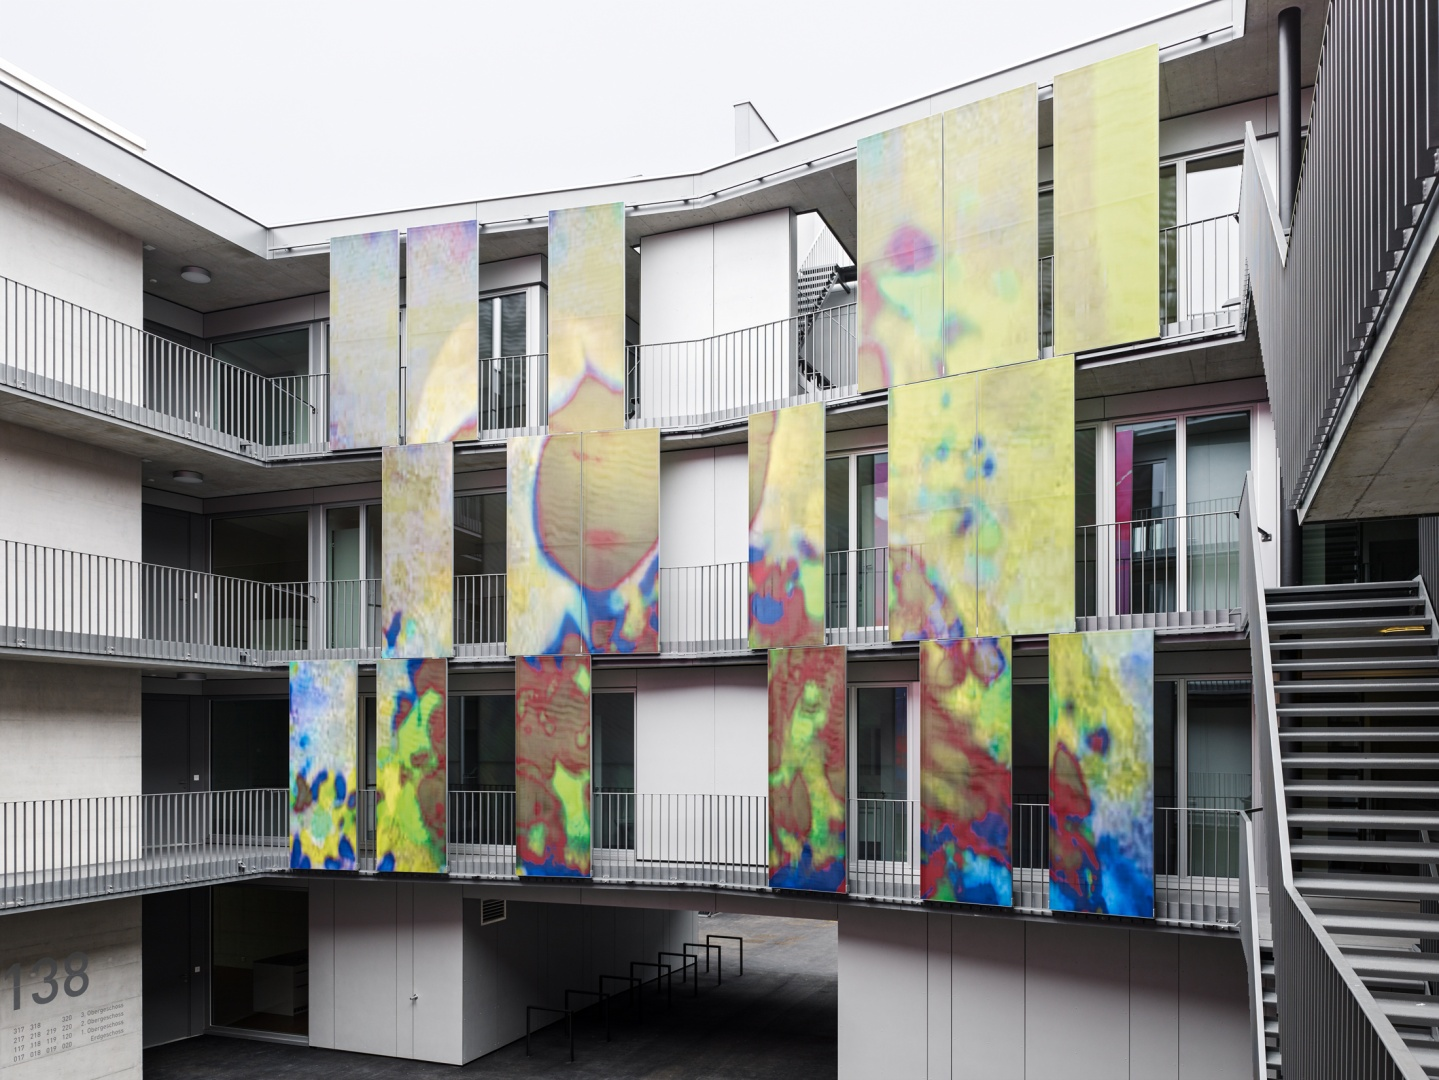 Hof - Schiebeelemente  © Georg Aerni, Sihlquai 268, 8005 Zürich